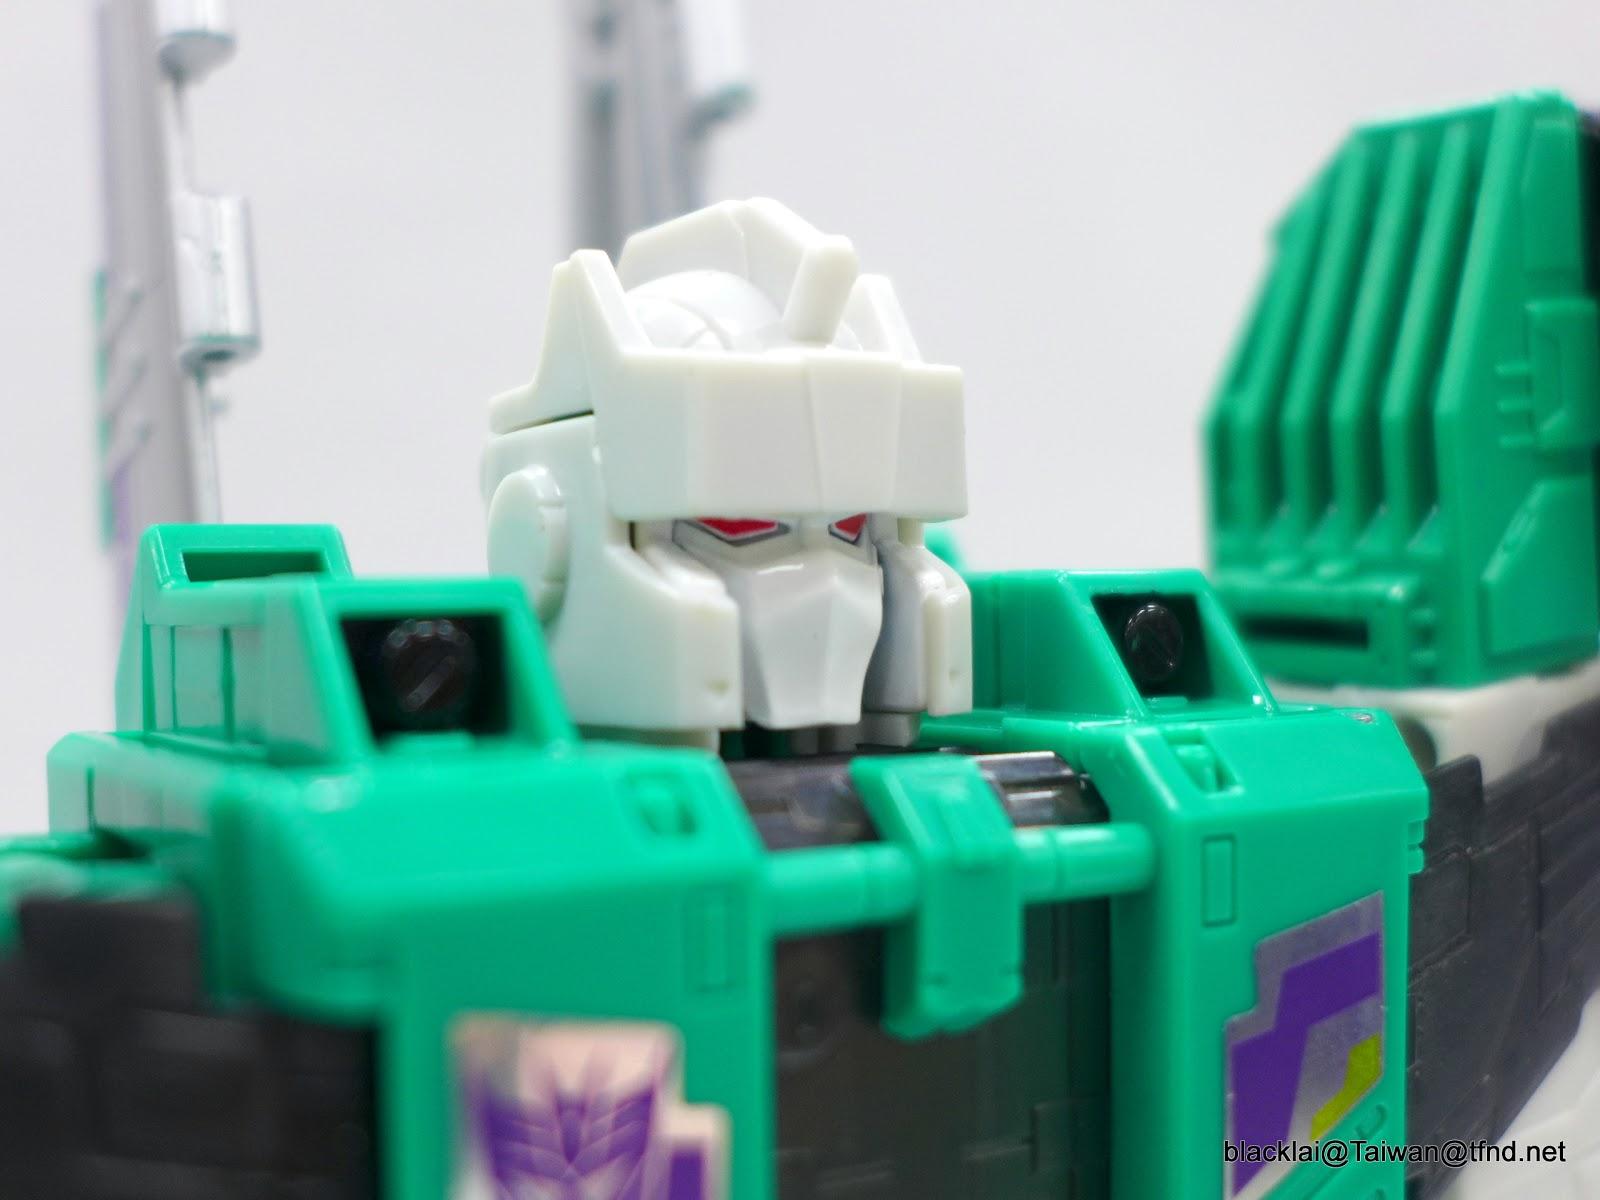 Jouets Transformers Generations: Nouveautés Hasbro - Page 40 P1500945